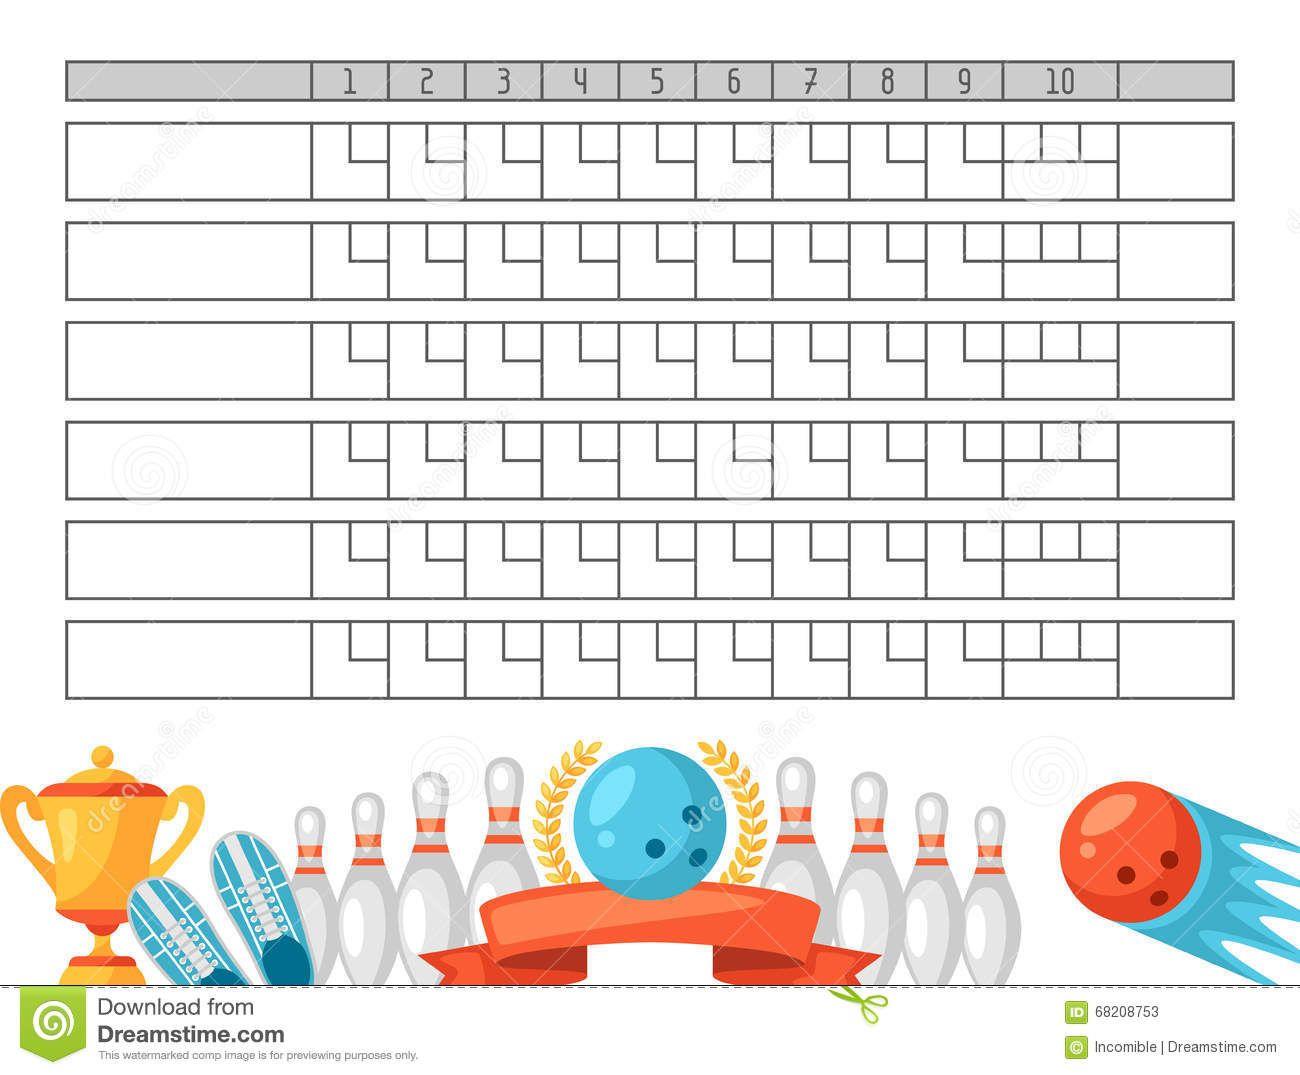 score sheet blank template scoreboard Bowling